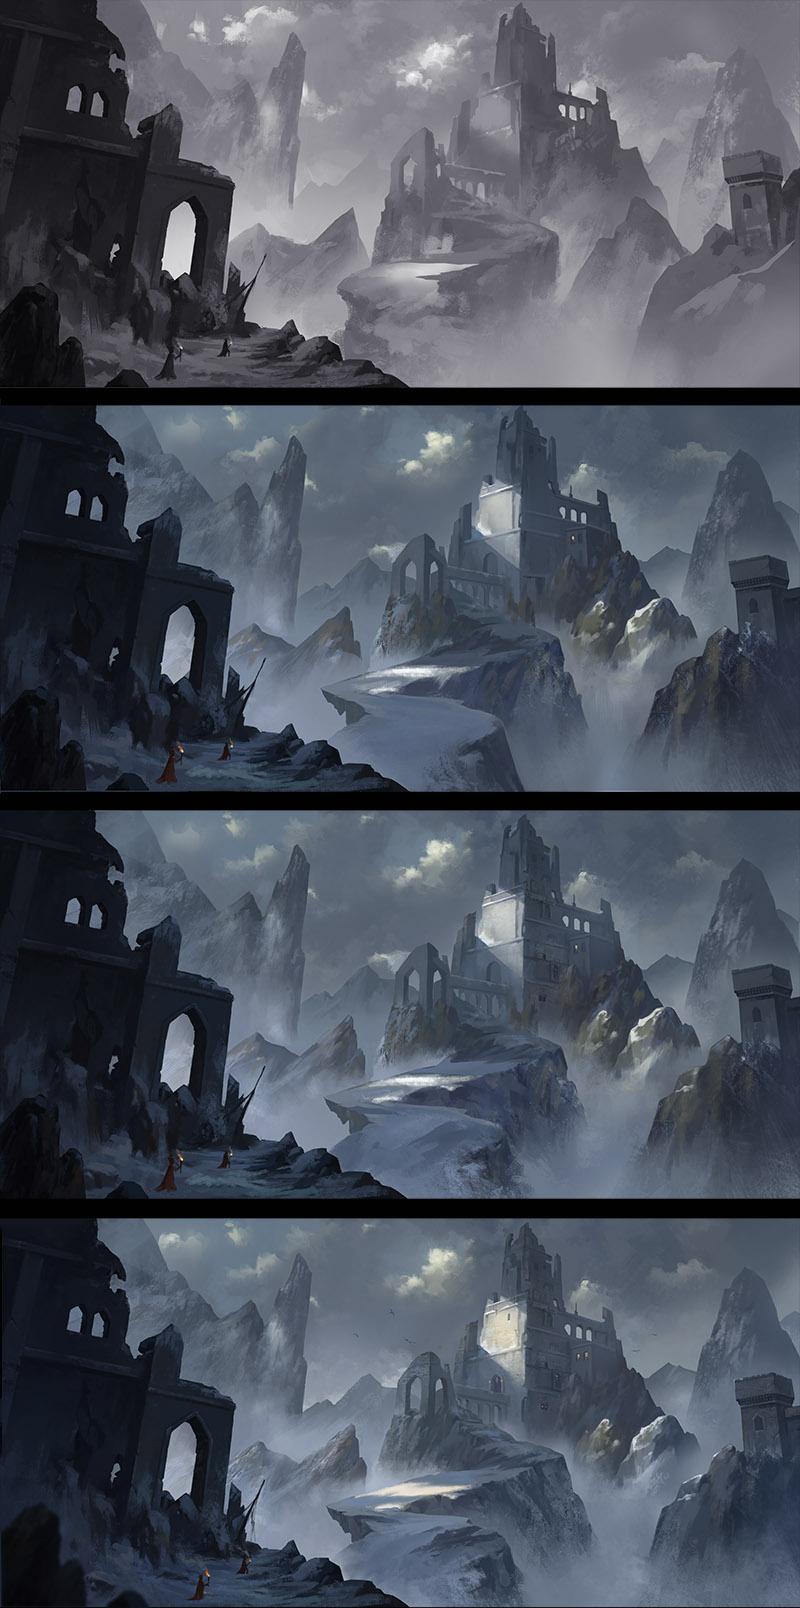 雪地场景气氛图 游戏原画 插画 左木cg - 原创设计